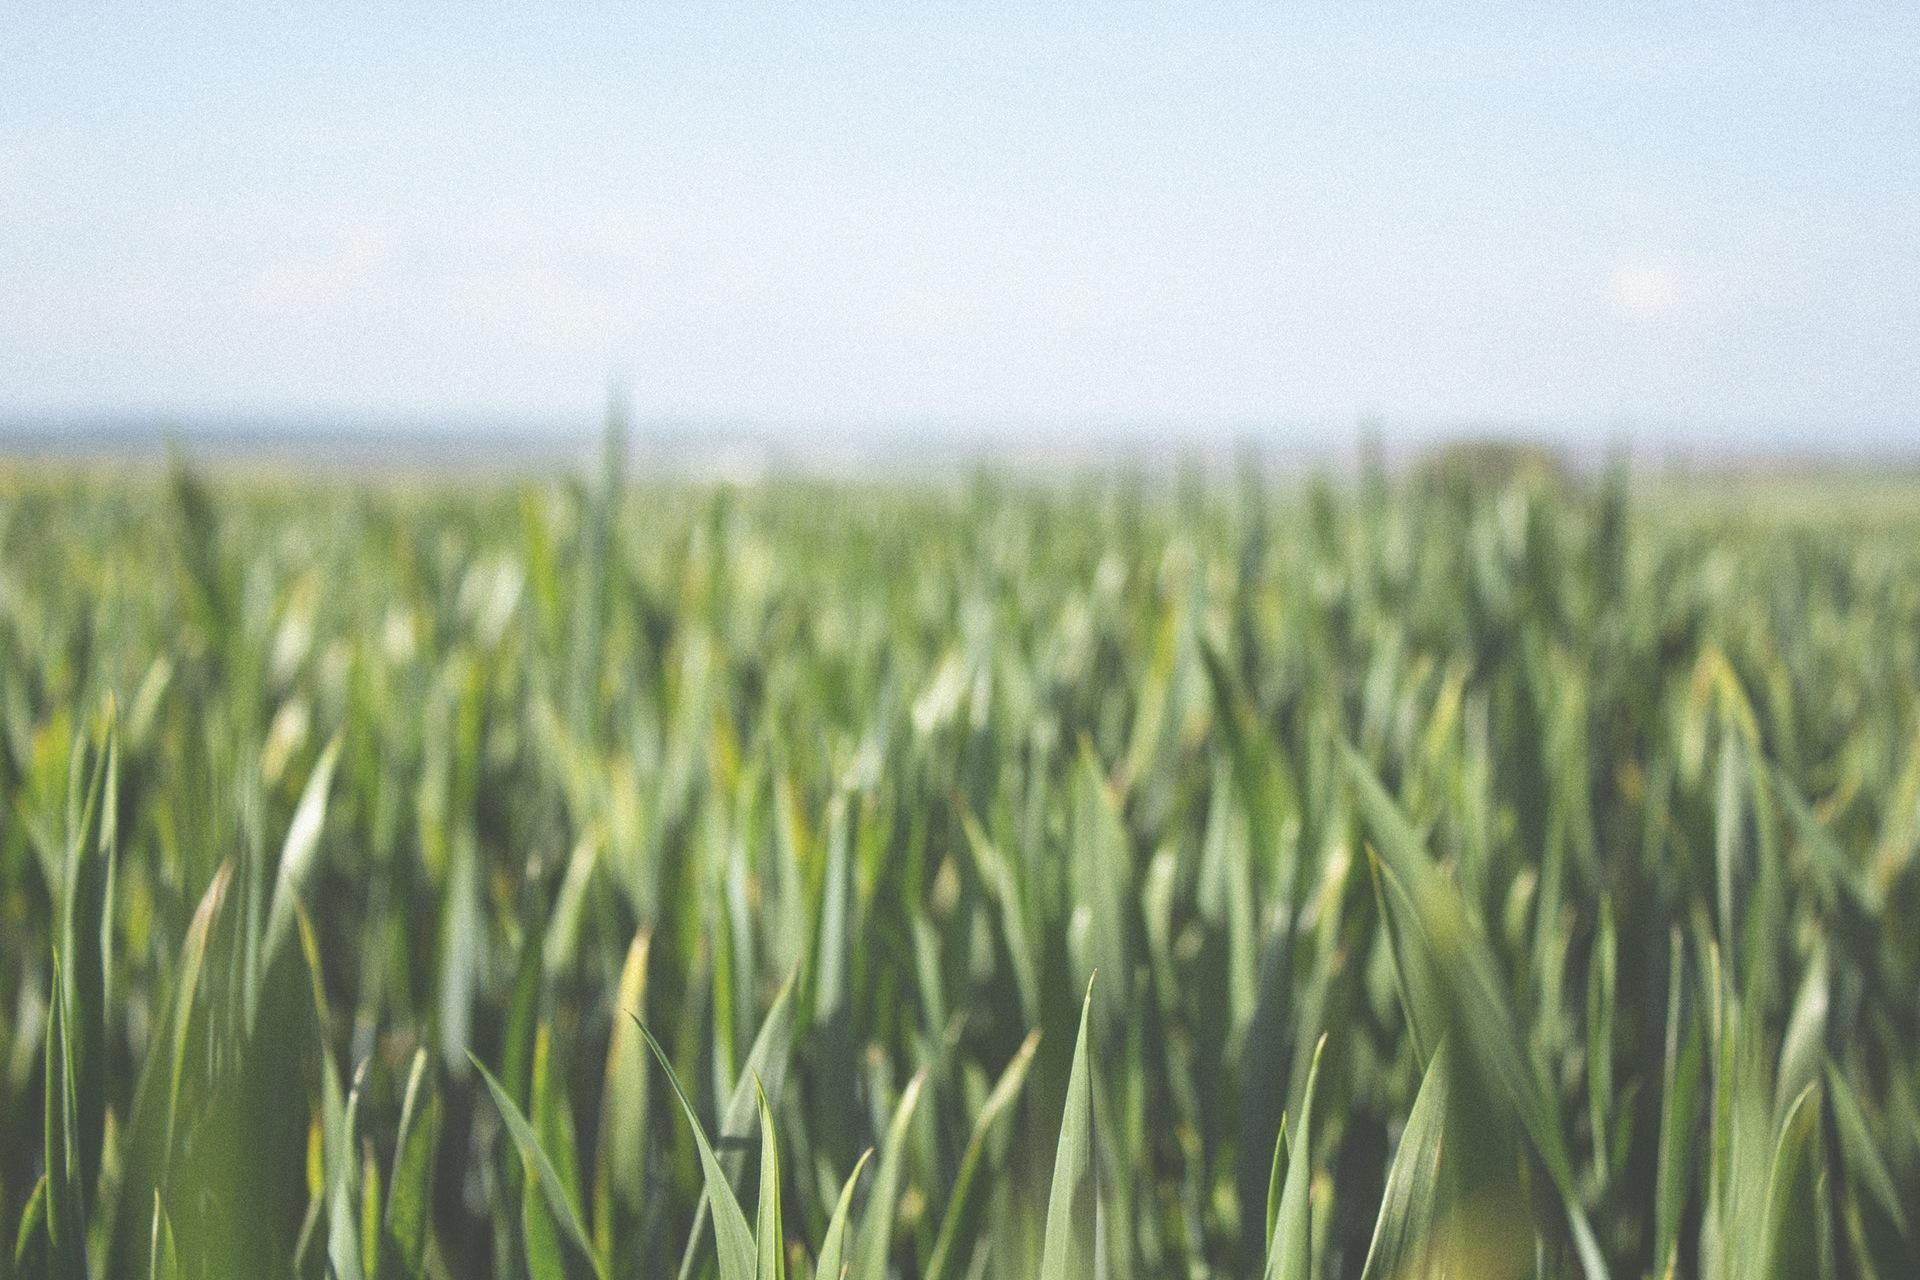 hierba, prado, cielo, relax, verde - Fondos de Pantalla HD - professor-falken.com